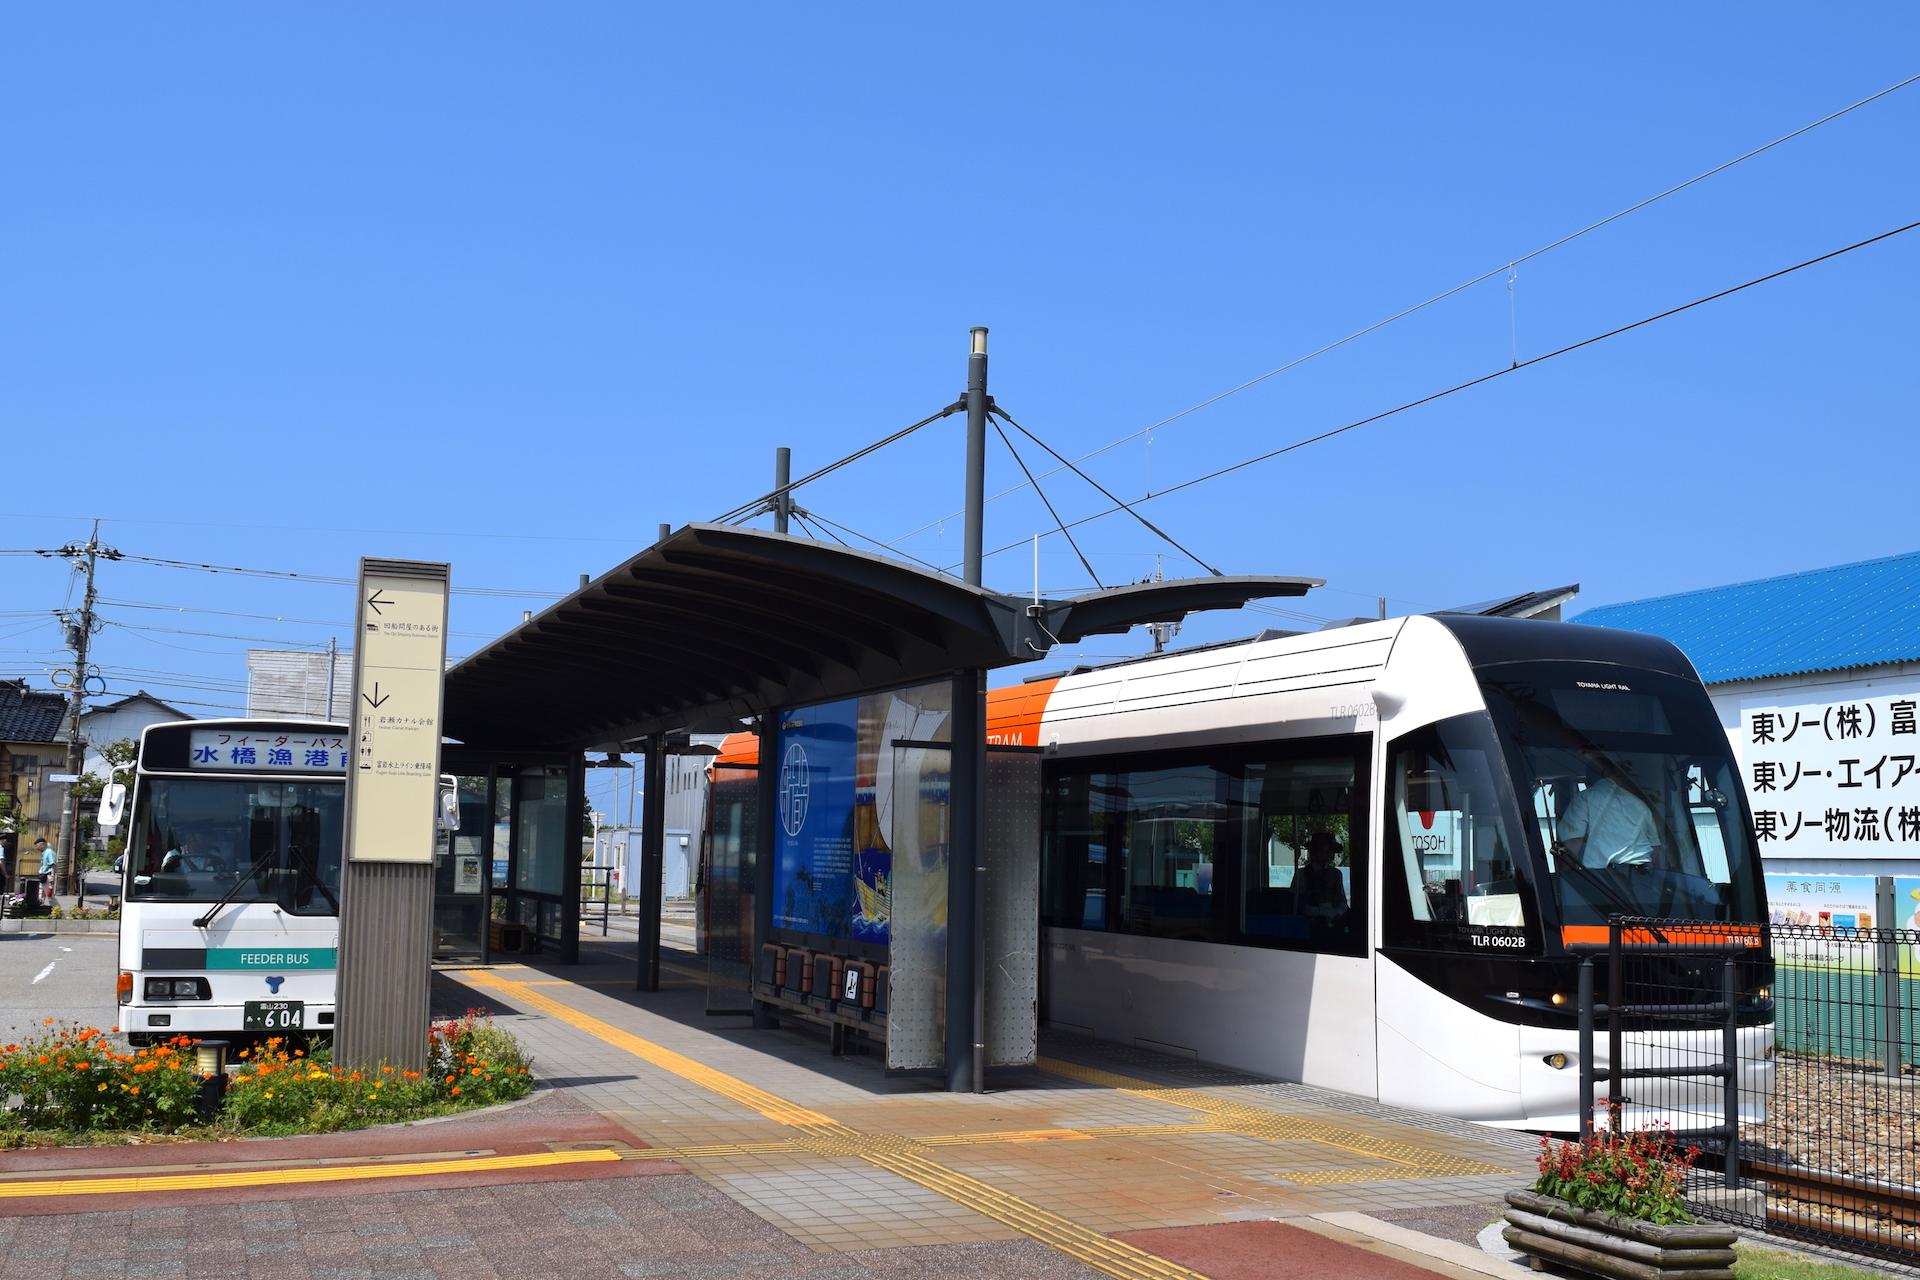 富山ライトレール・岩瀬浜駅